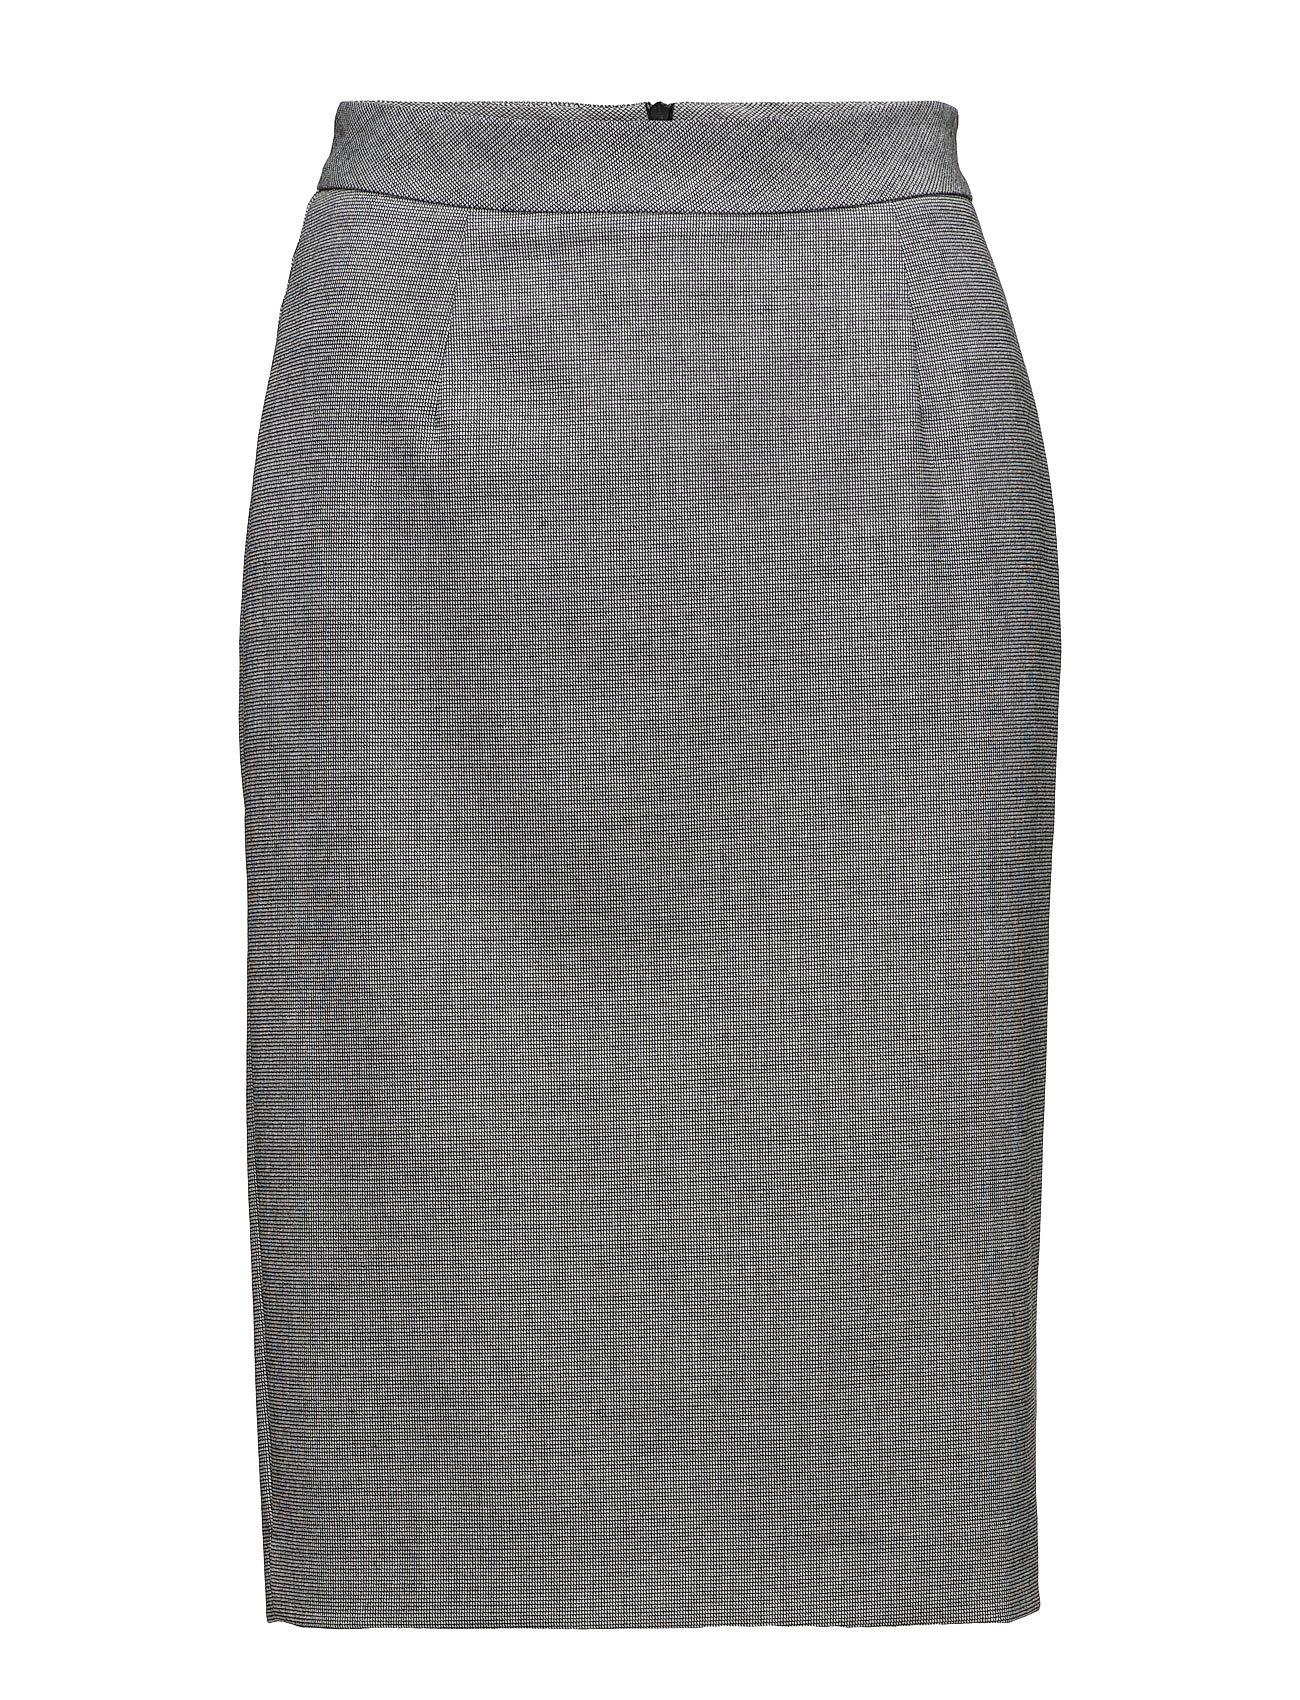 e4ef3edf8d5 Køb Skirt United Colors of Benetton Blyantsnederdele i til Damer i en  webshop